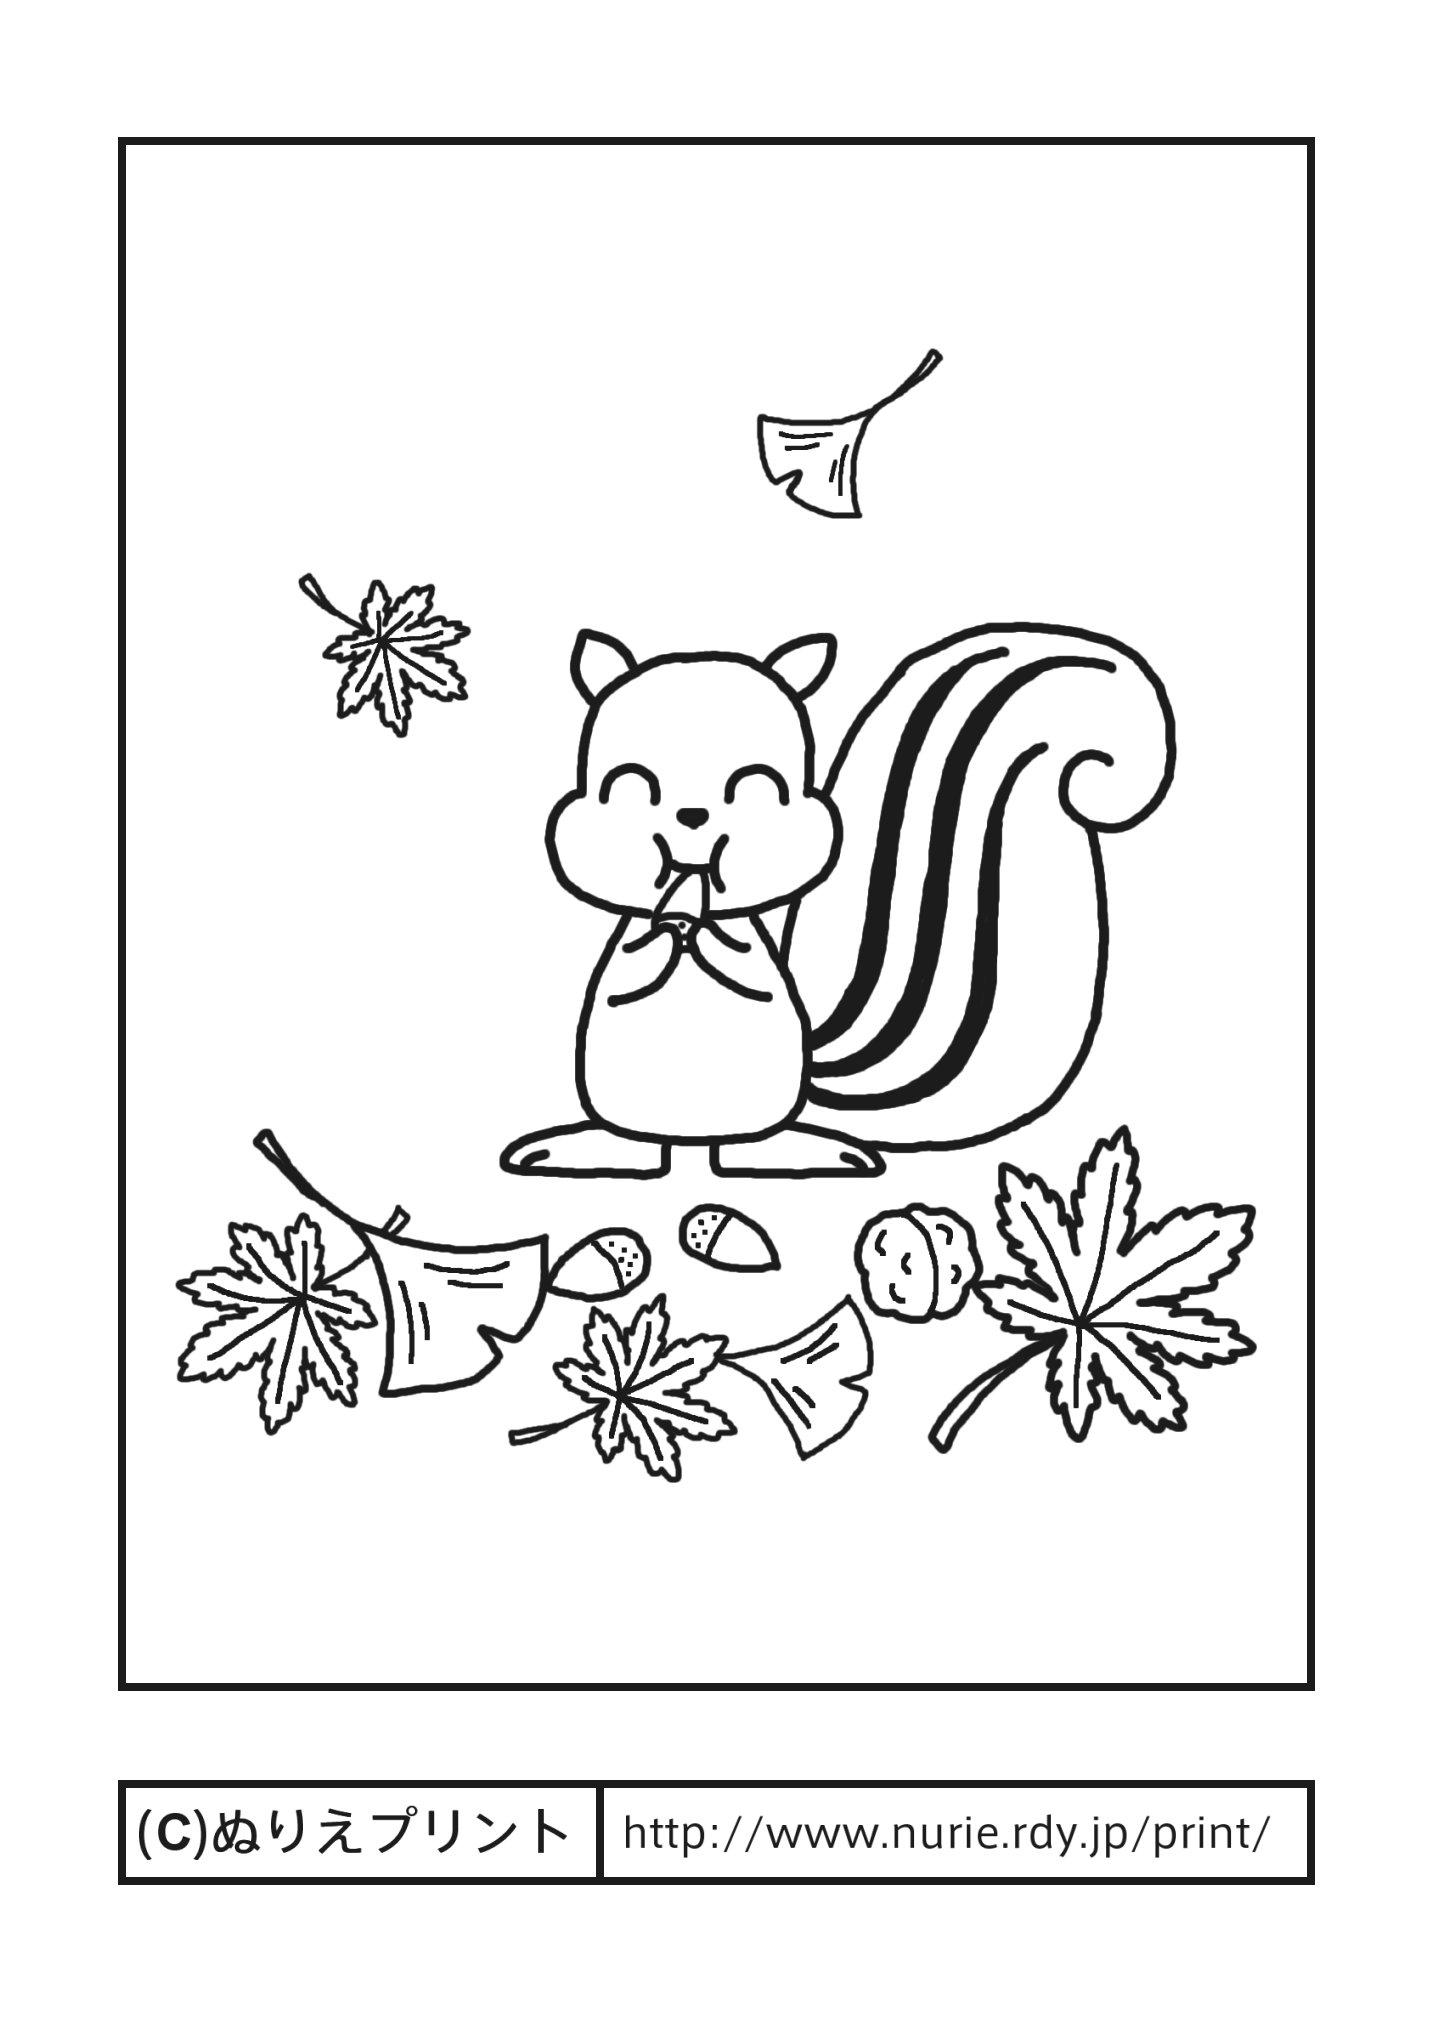 ... 季節・行事/大人の塗り絵【ぬ : 季節のぬりえ : すべての講義